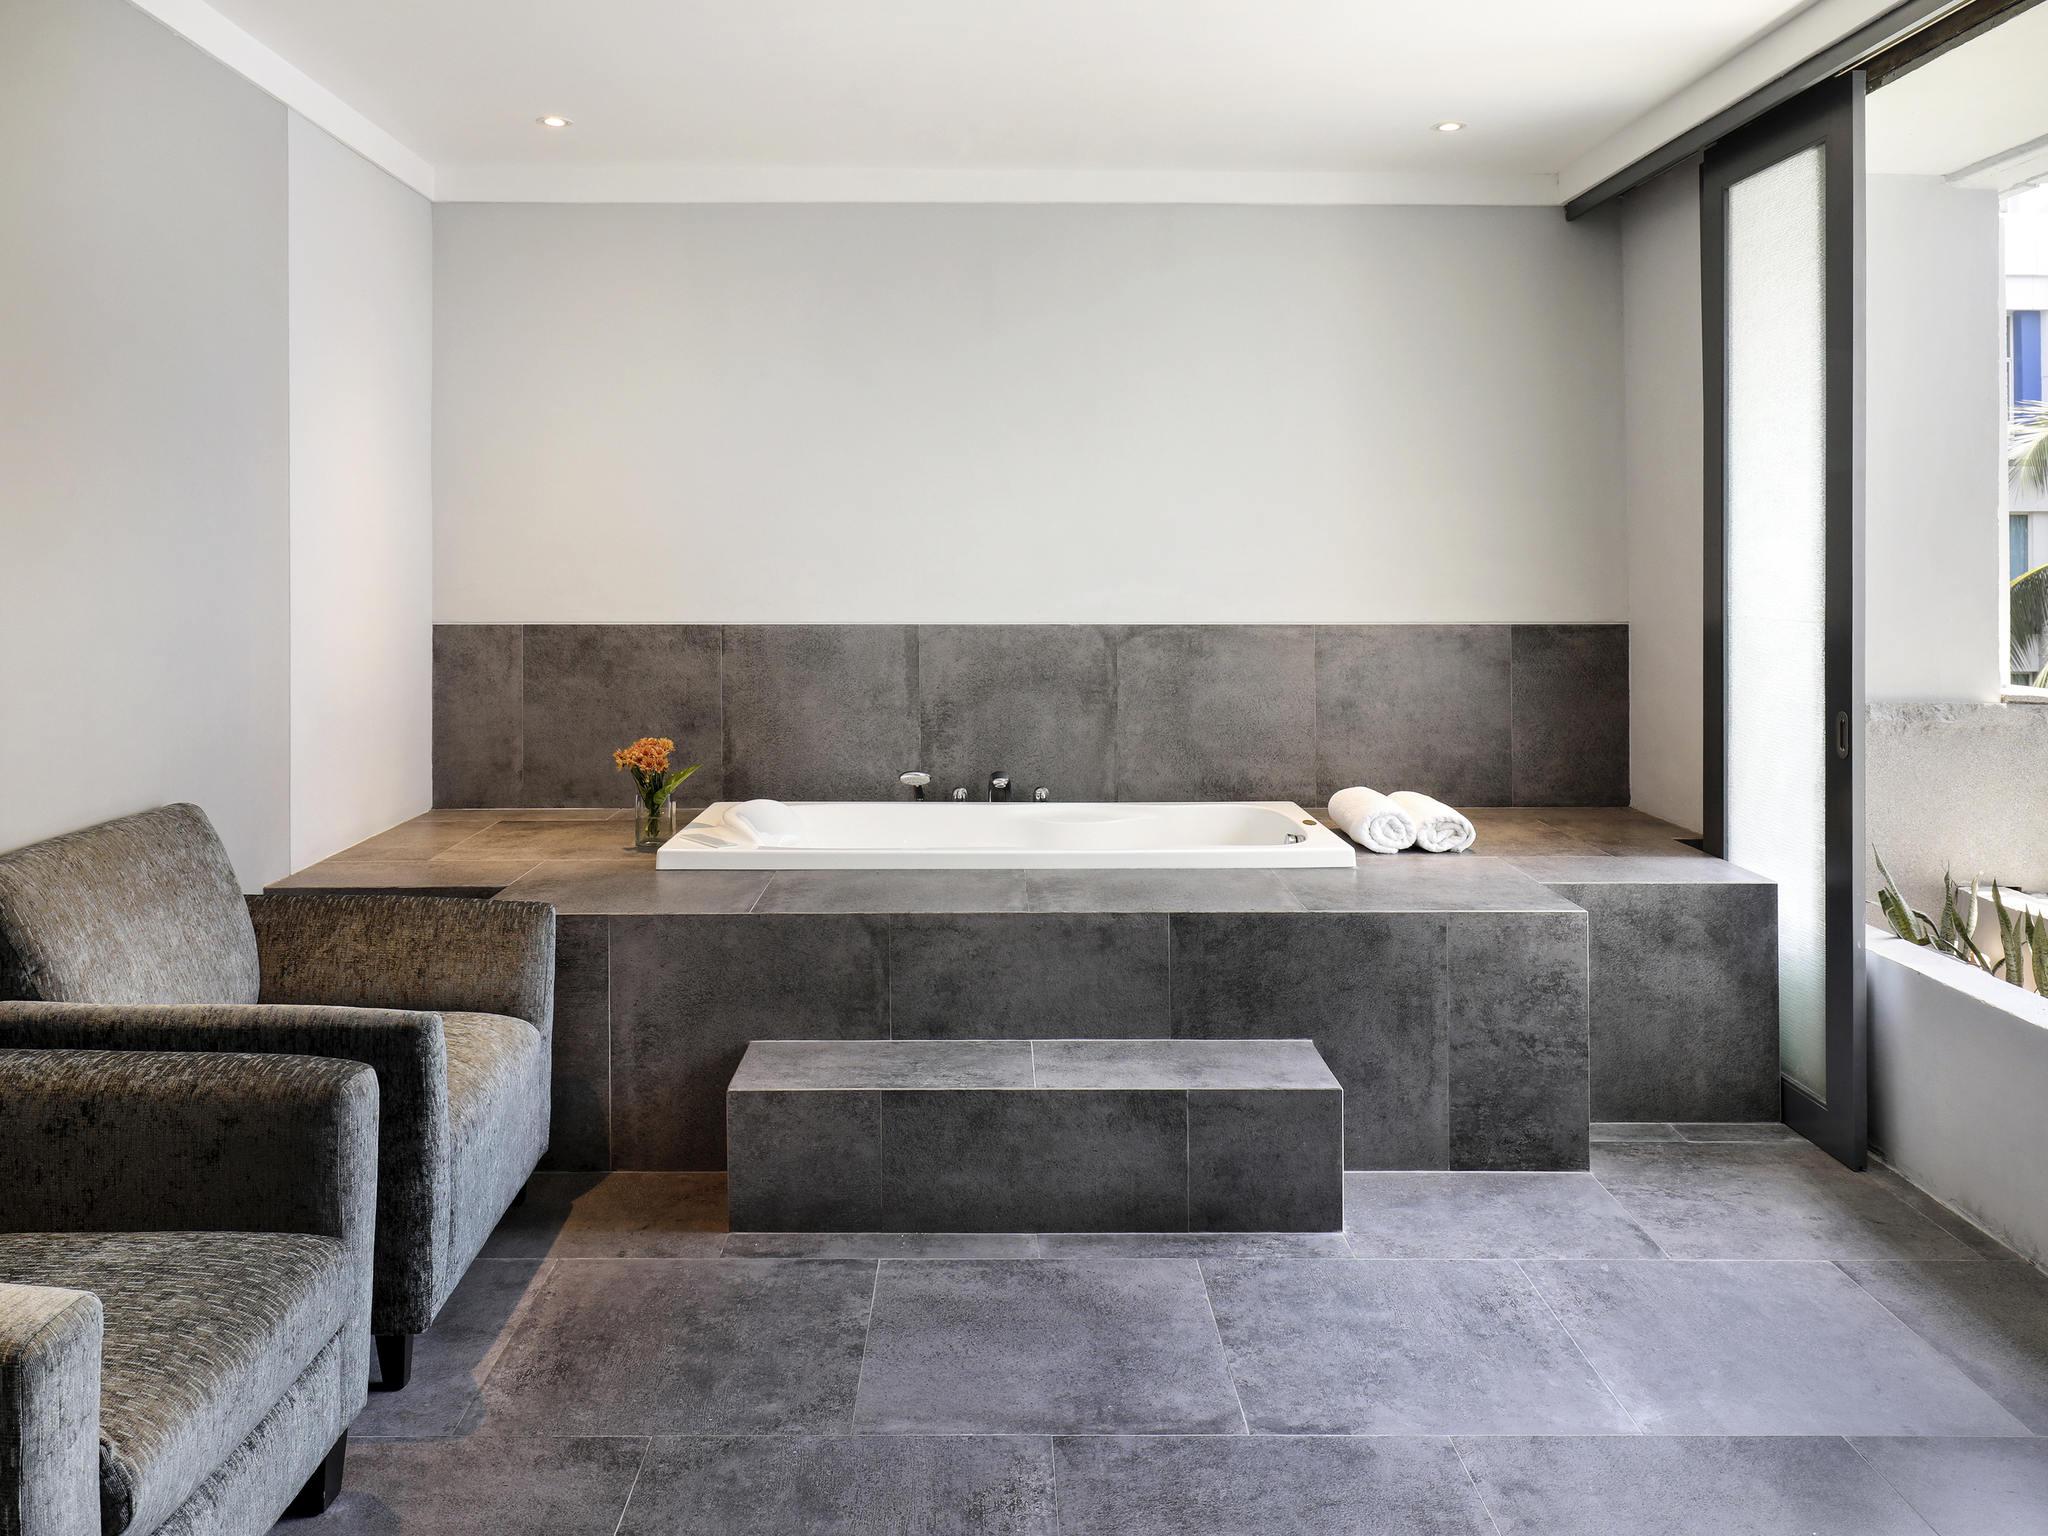 Desain interior kamar hotel bintang 5 desain rumah for Dekor kamar hotel buat ulang tahun